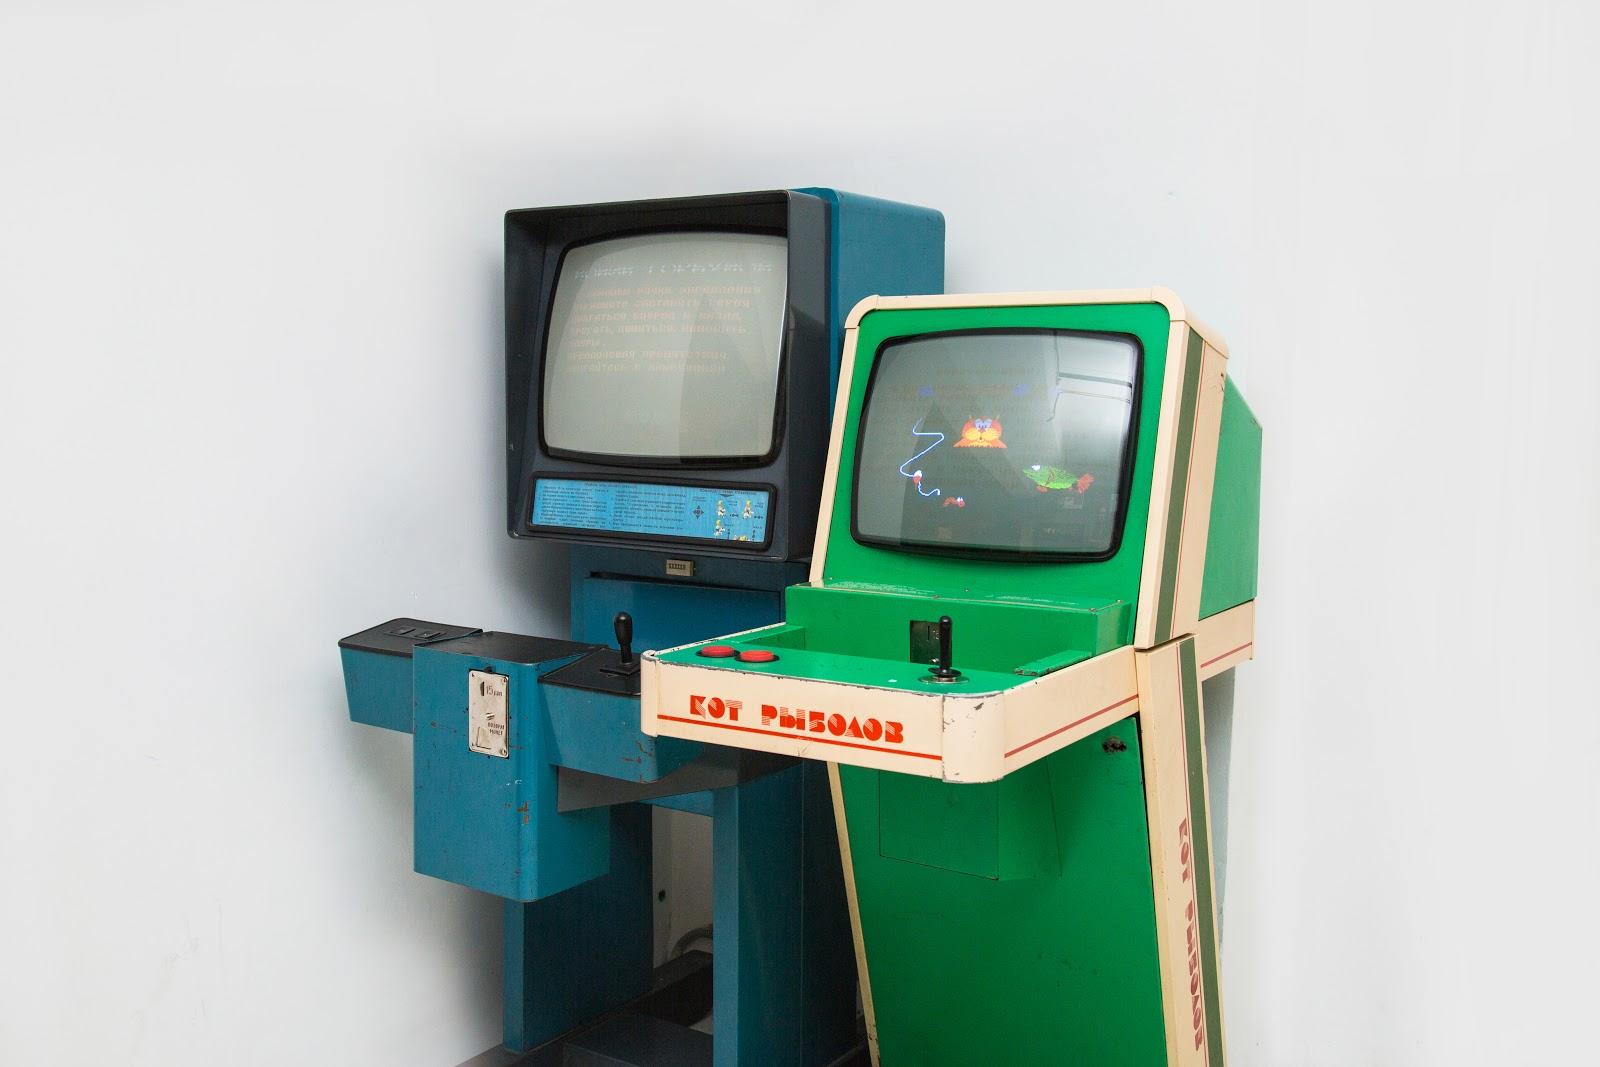 Игровые автоматы на электронные игровые автоматы играть кладоискатель мини-игра